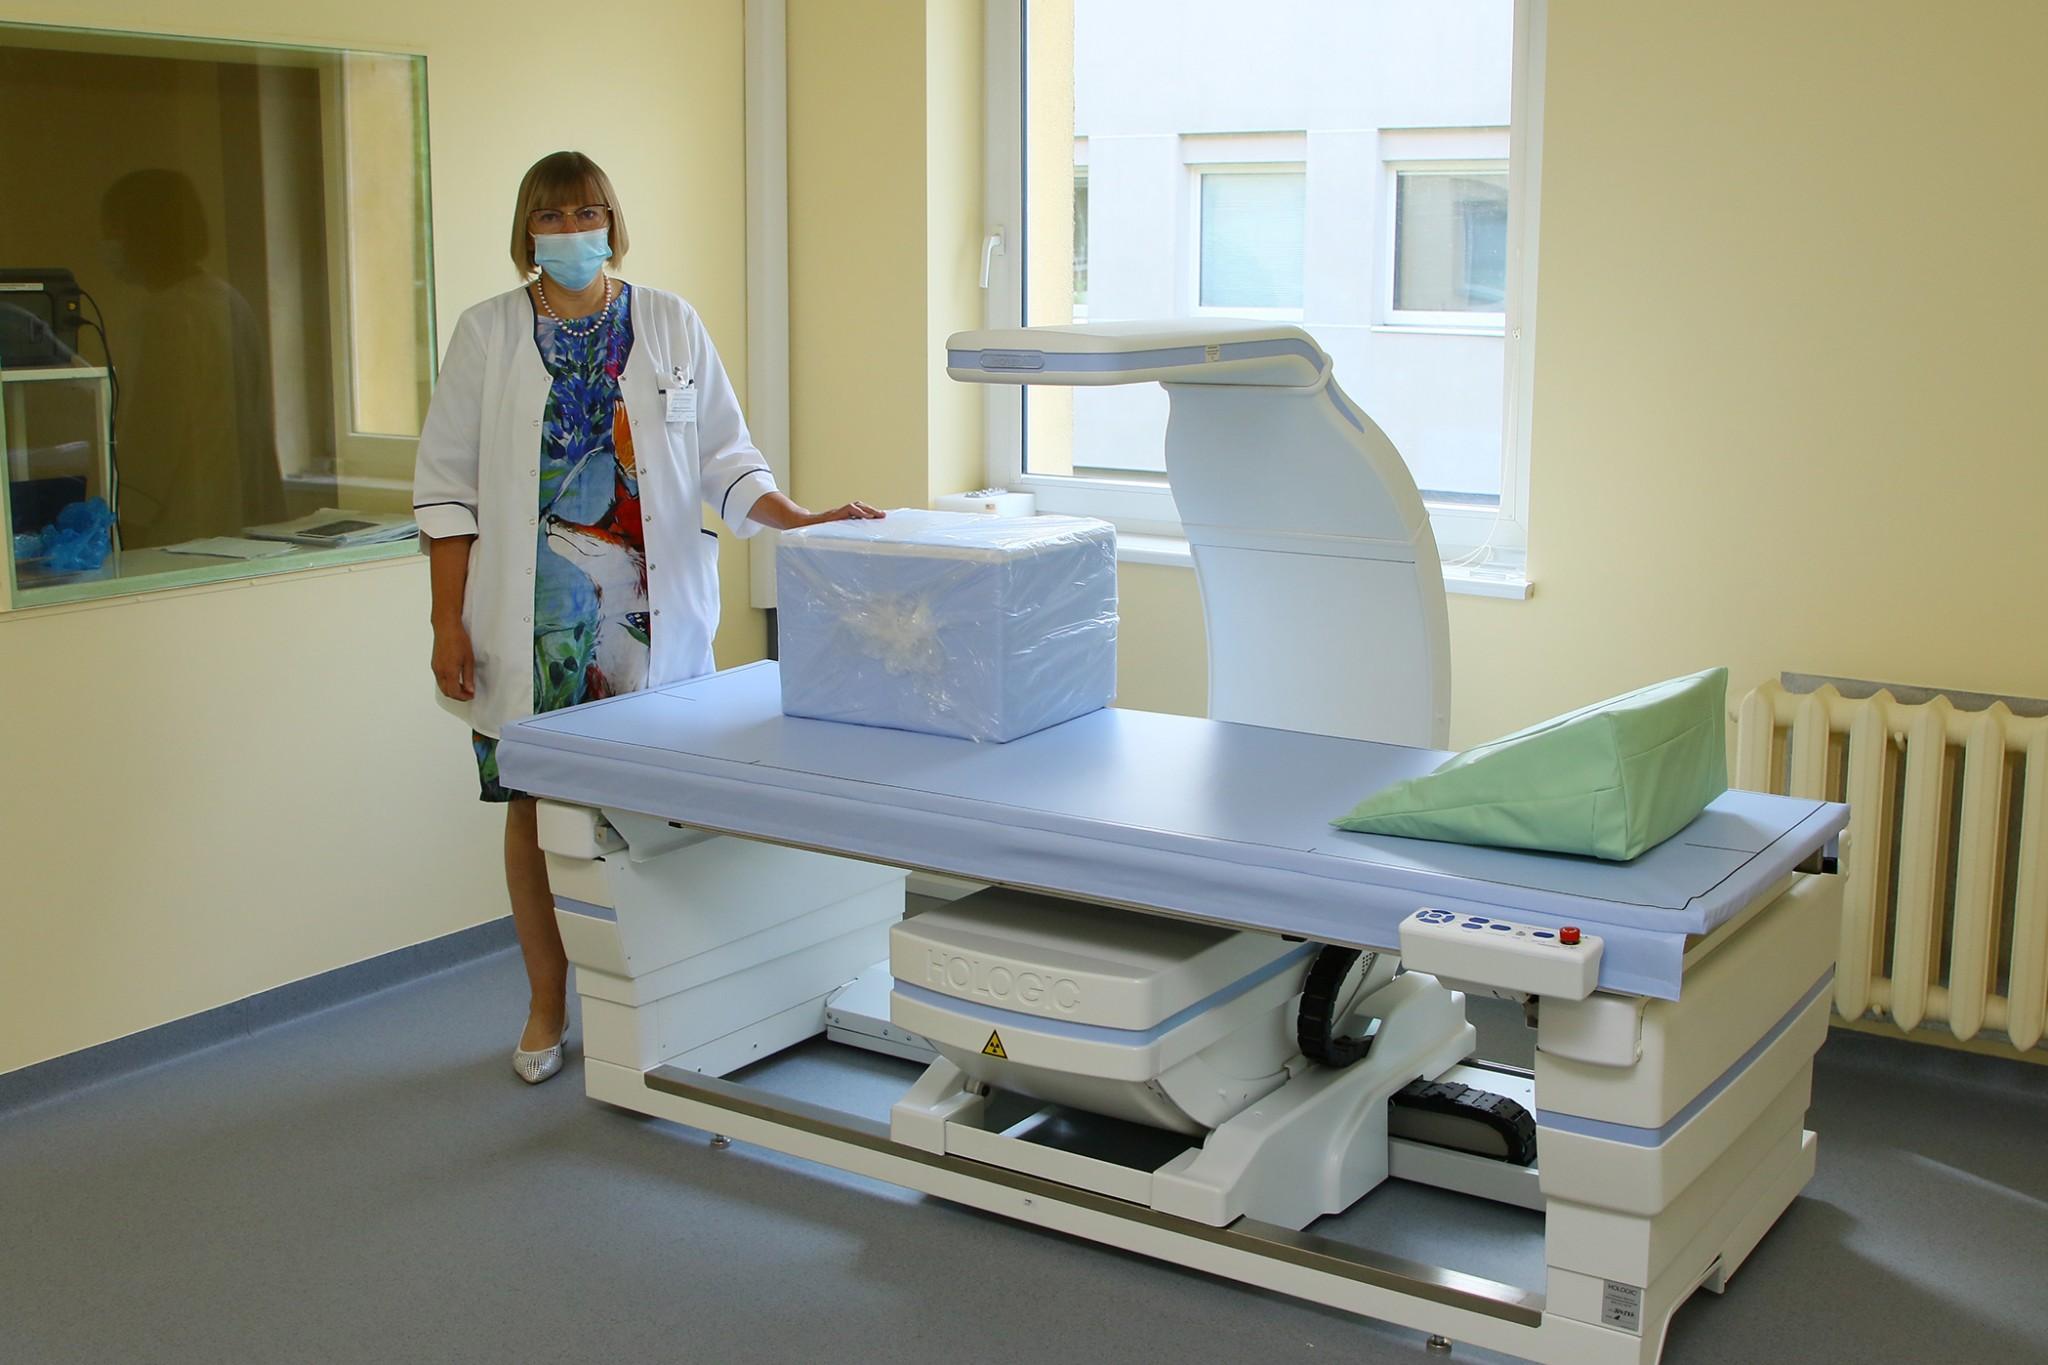 Alytaus ligoninė įsigijo kaulų tankio tyrimo įrangą